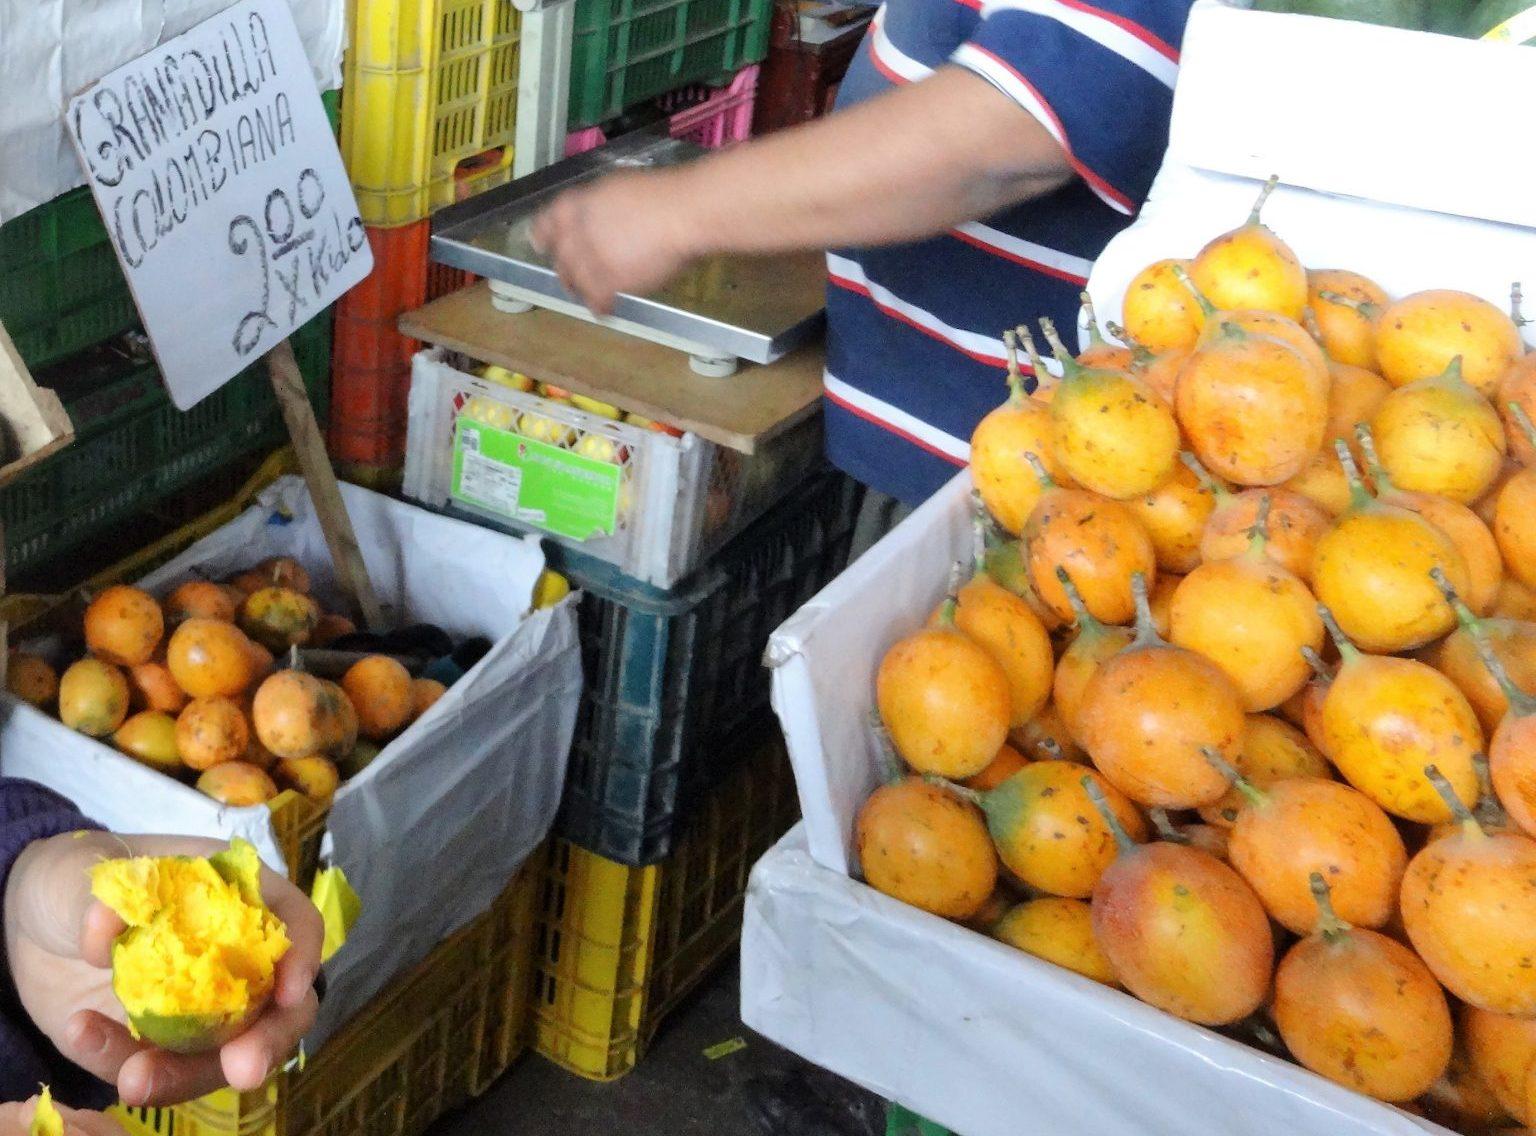 ペルー, 果物, フルーツ, 甘い, スイート, パッション, フルーツ, Granadilla, グラナダディーヤ